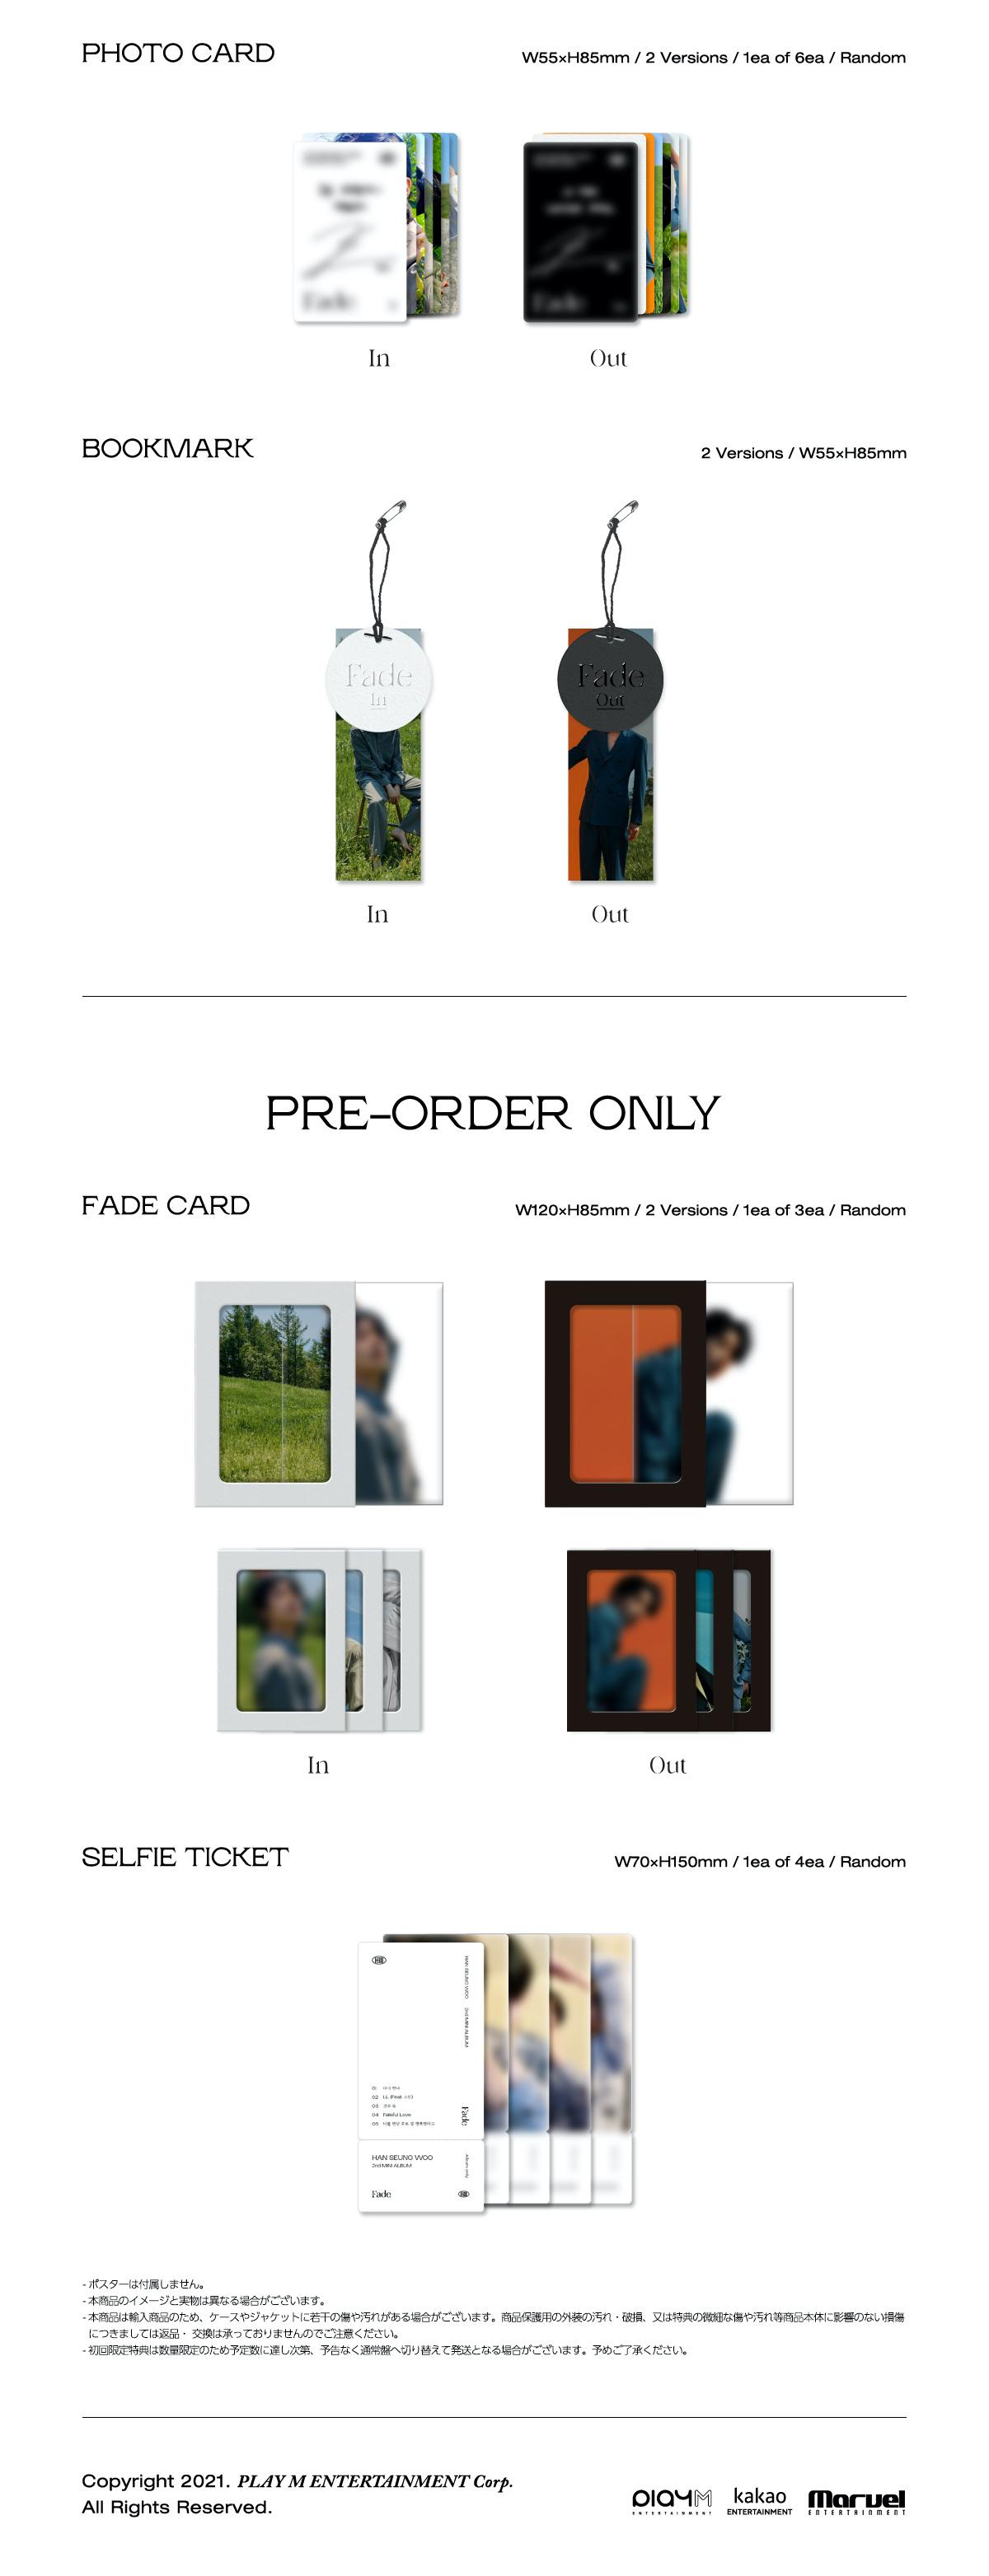 【6月30日開催/1部/2枚セット購入用】ハン・スンウ 2nd Mini Album [Fade]【オンライン握手会抽選対象】